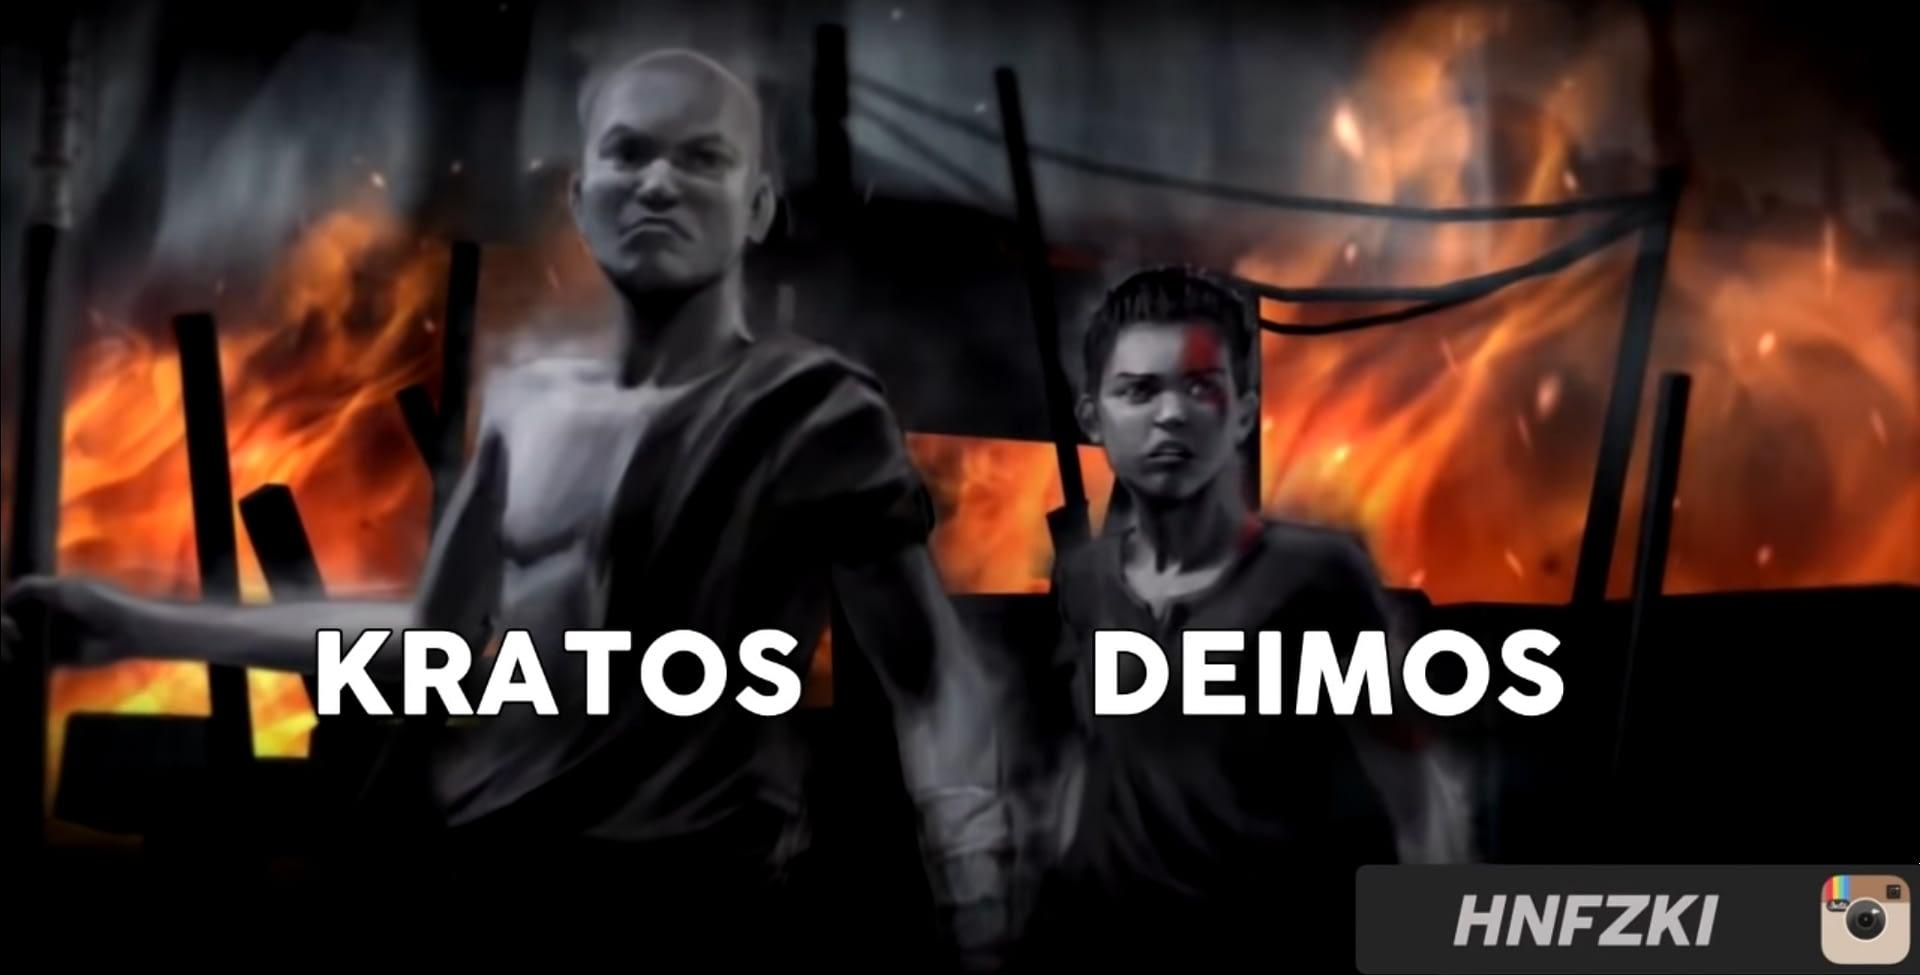 Kratos dan Deimos